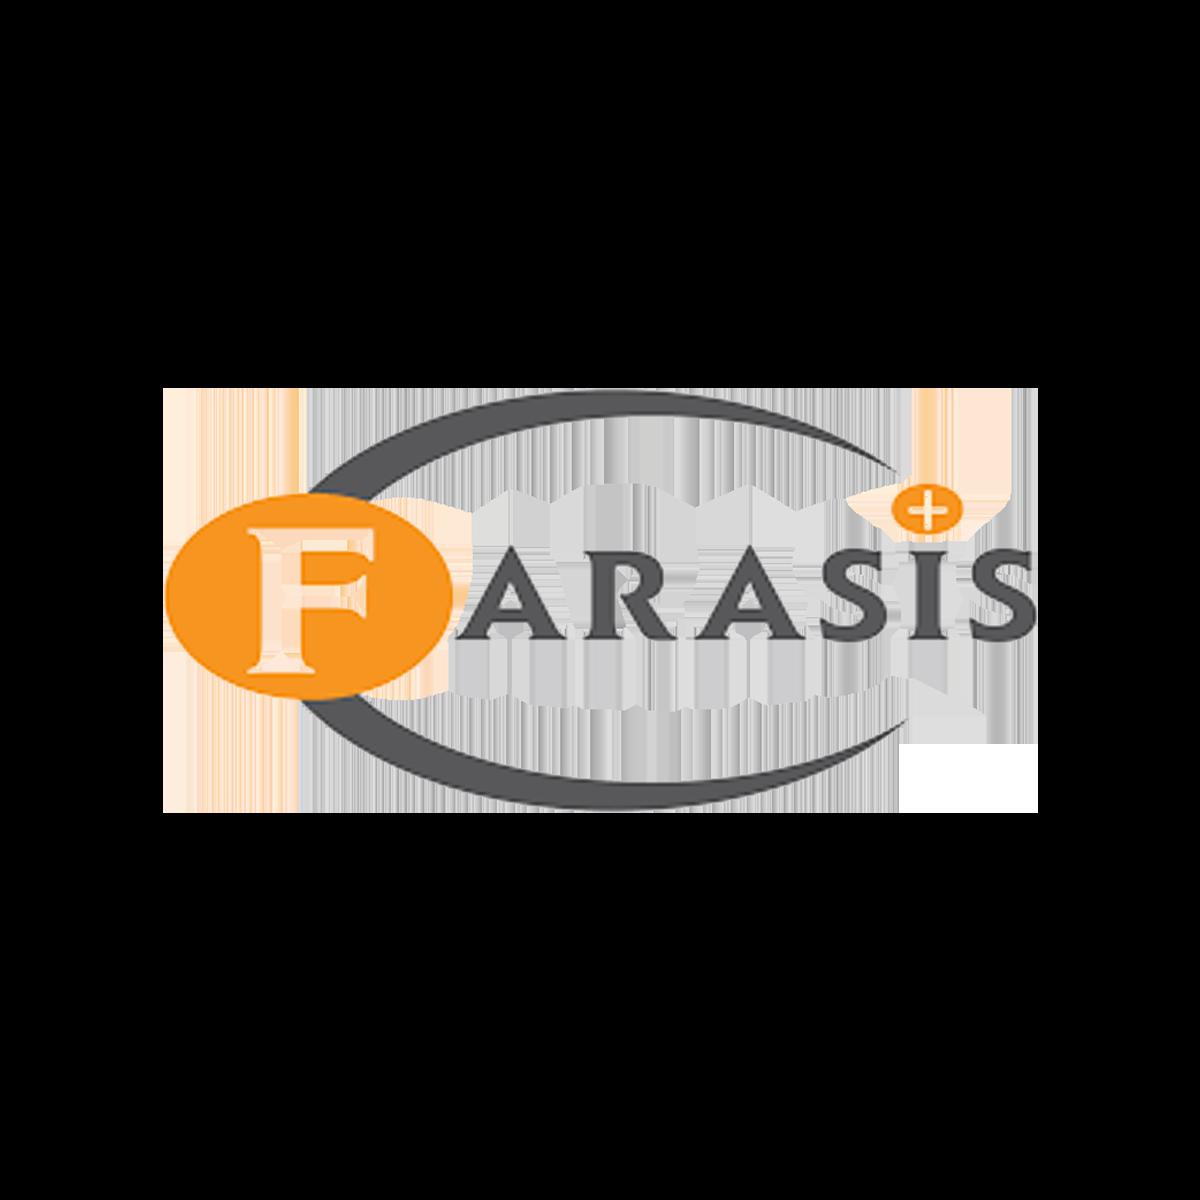 farasis logo